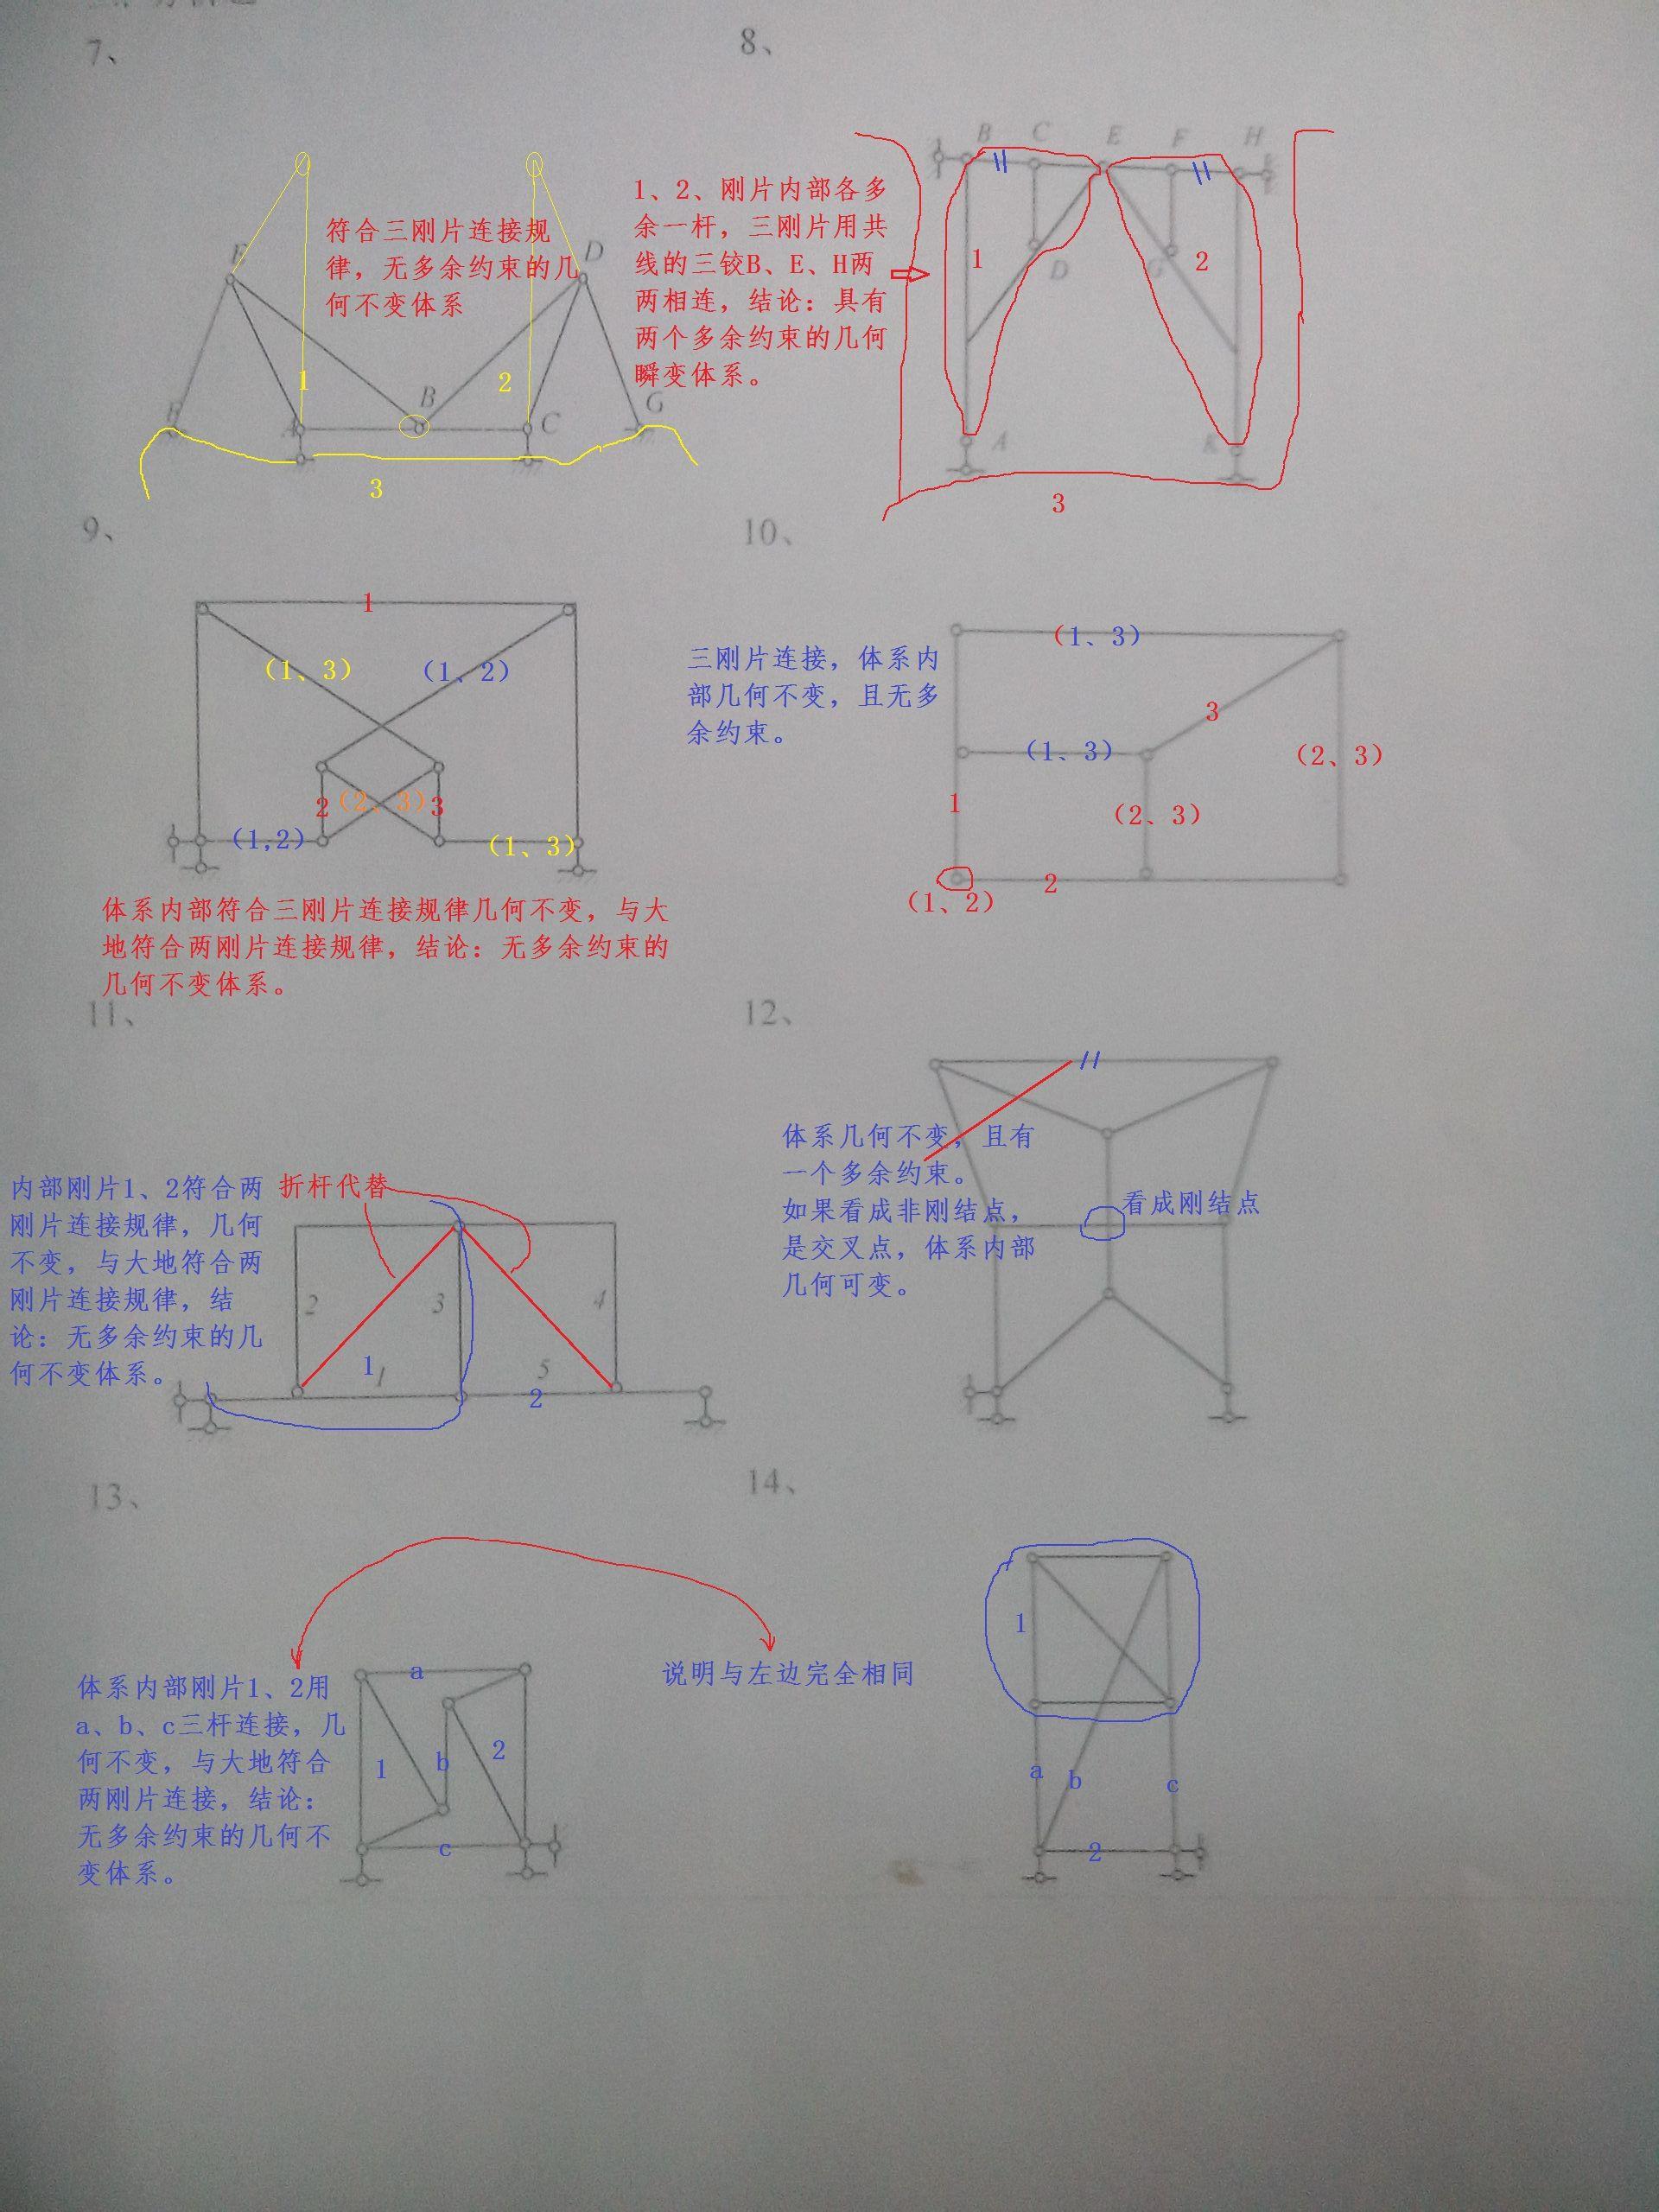 下午考试,急求几道结构力学分析题,的详解答案,要求有